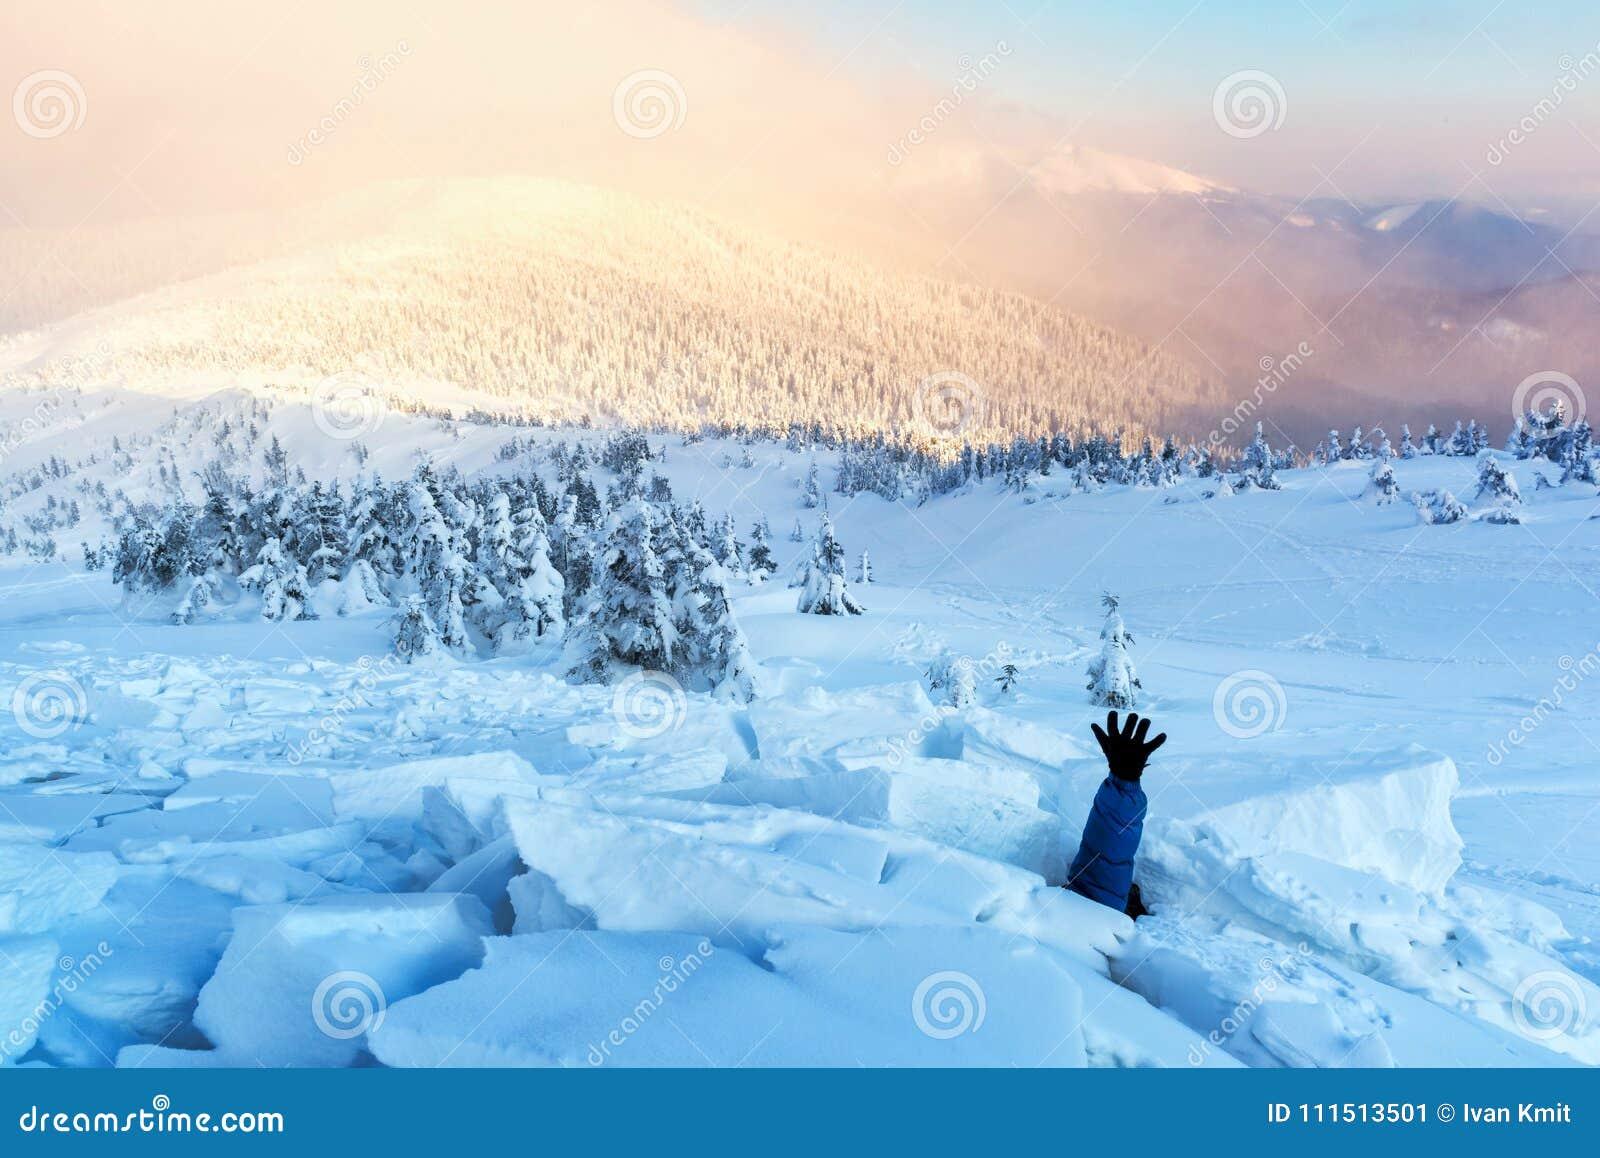 用雪雪崩盖的一个人